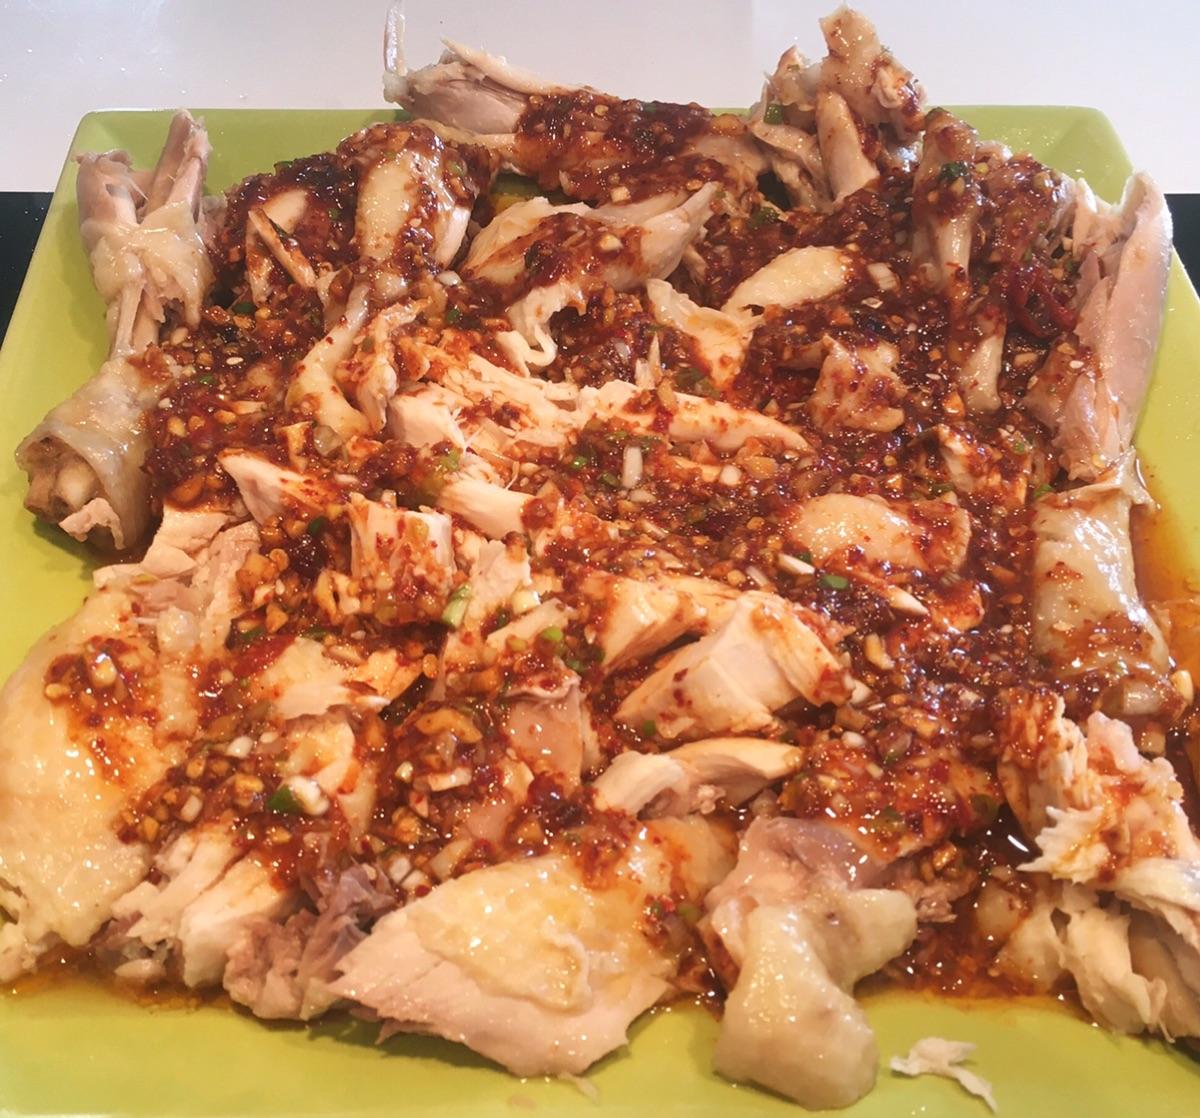 美食分享之蒜蓉鸡肉